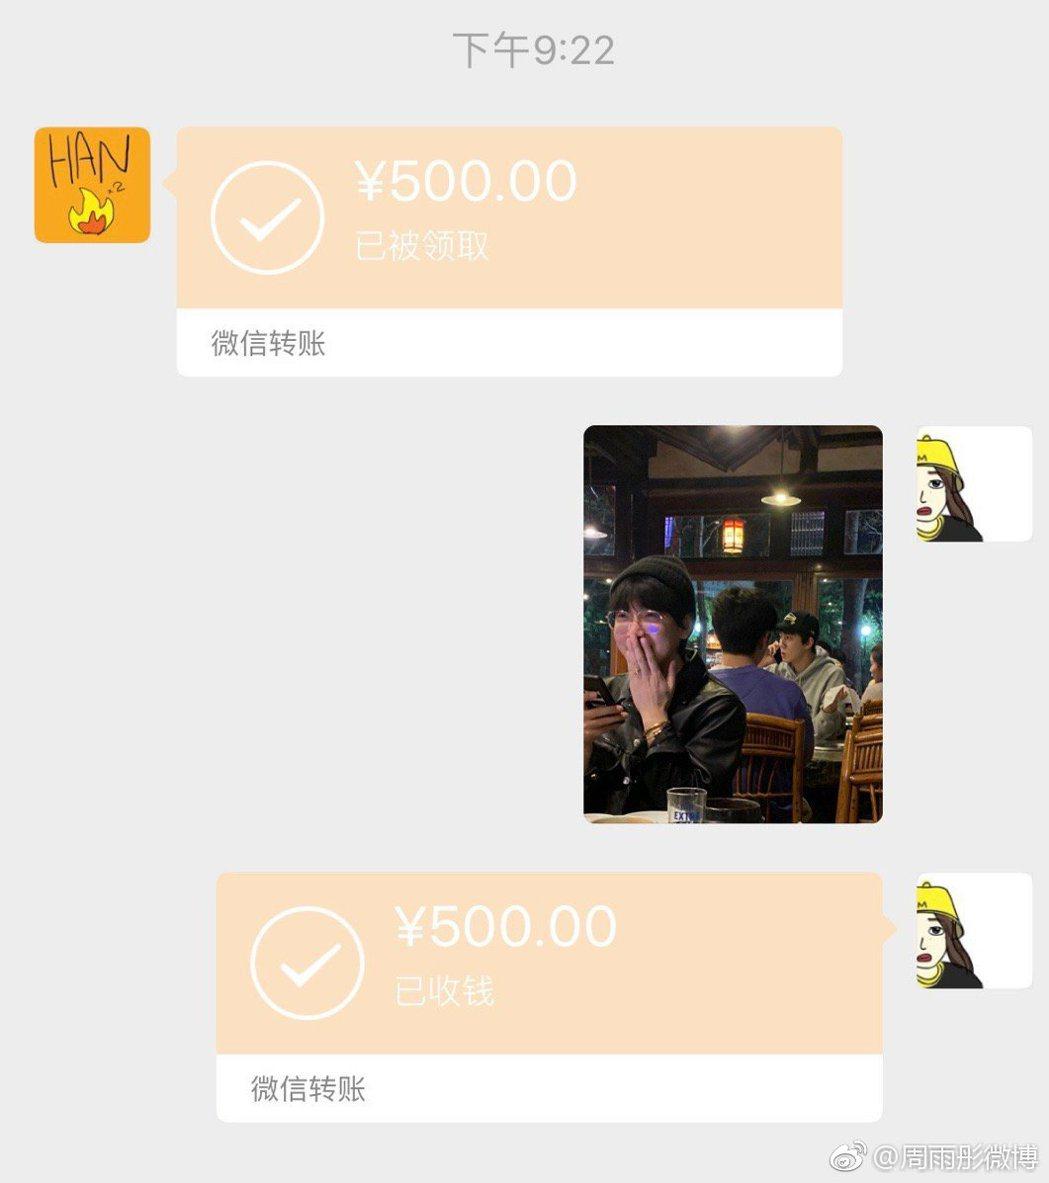 韓火火花500元人民幣,買下周雨彤拍下他與吳世勳的合照。 圖/擷自周雨彤微博